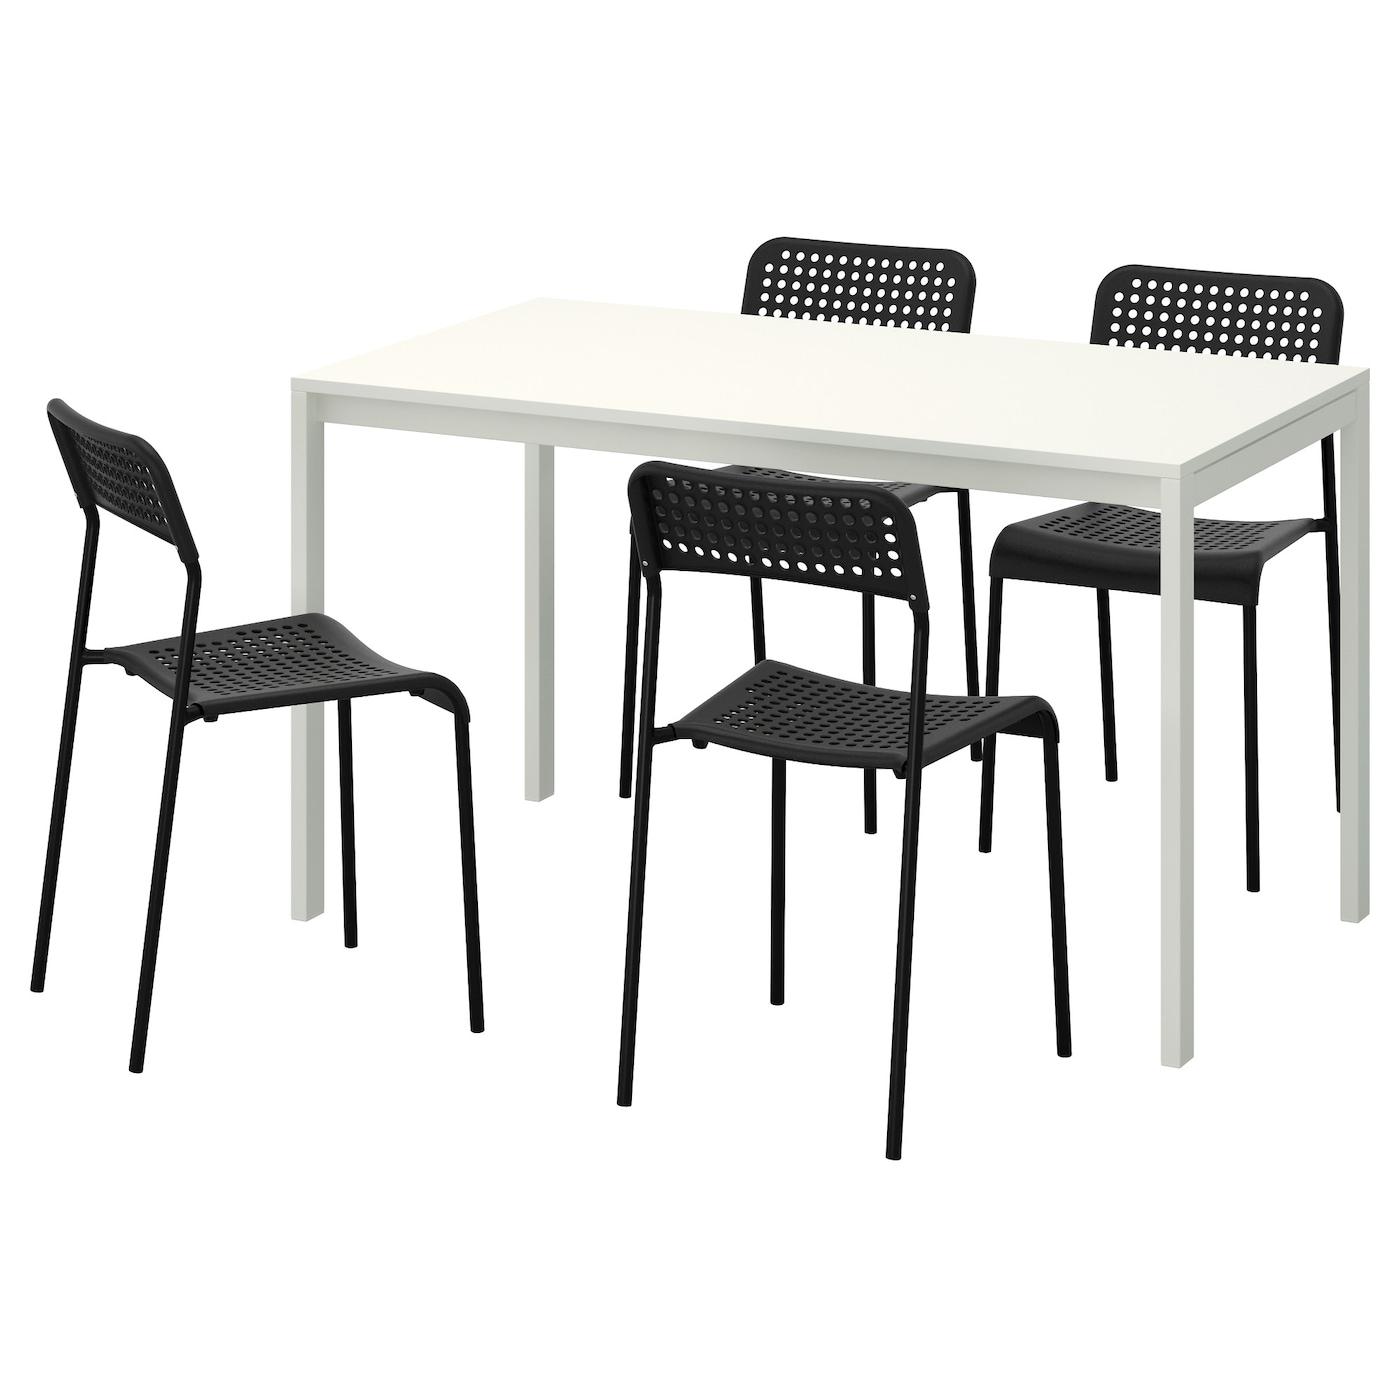 Woonkamer Stoelen Ikea. Elegant Ikea Koarp Stoel With Woonkamer ...